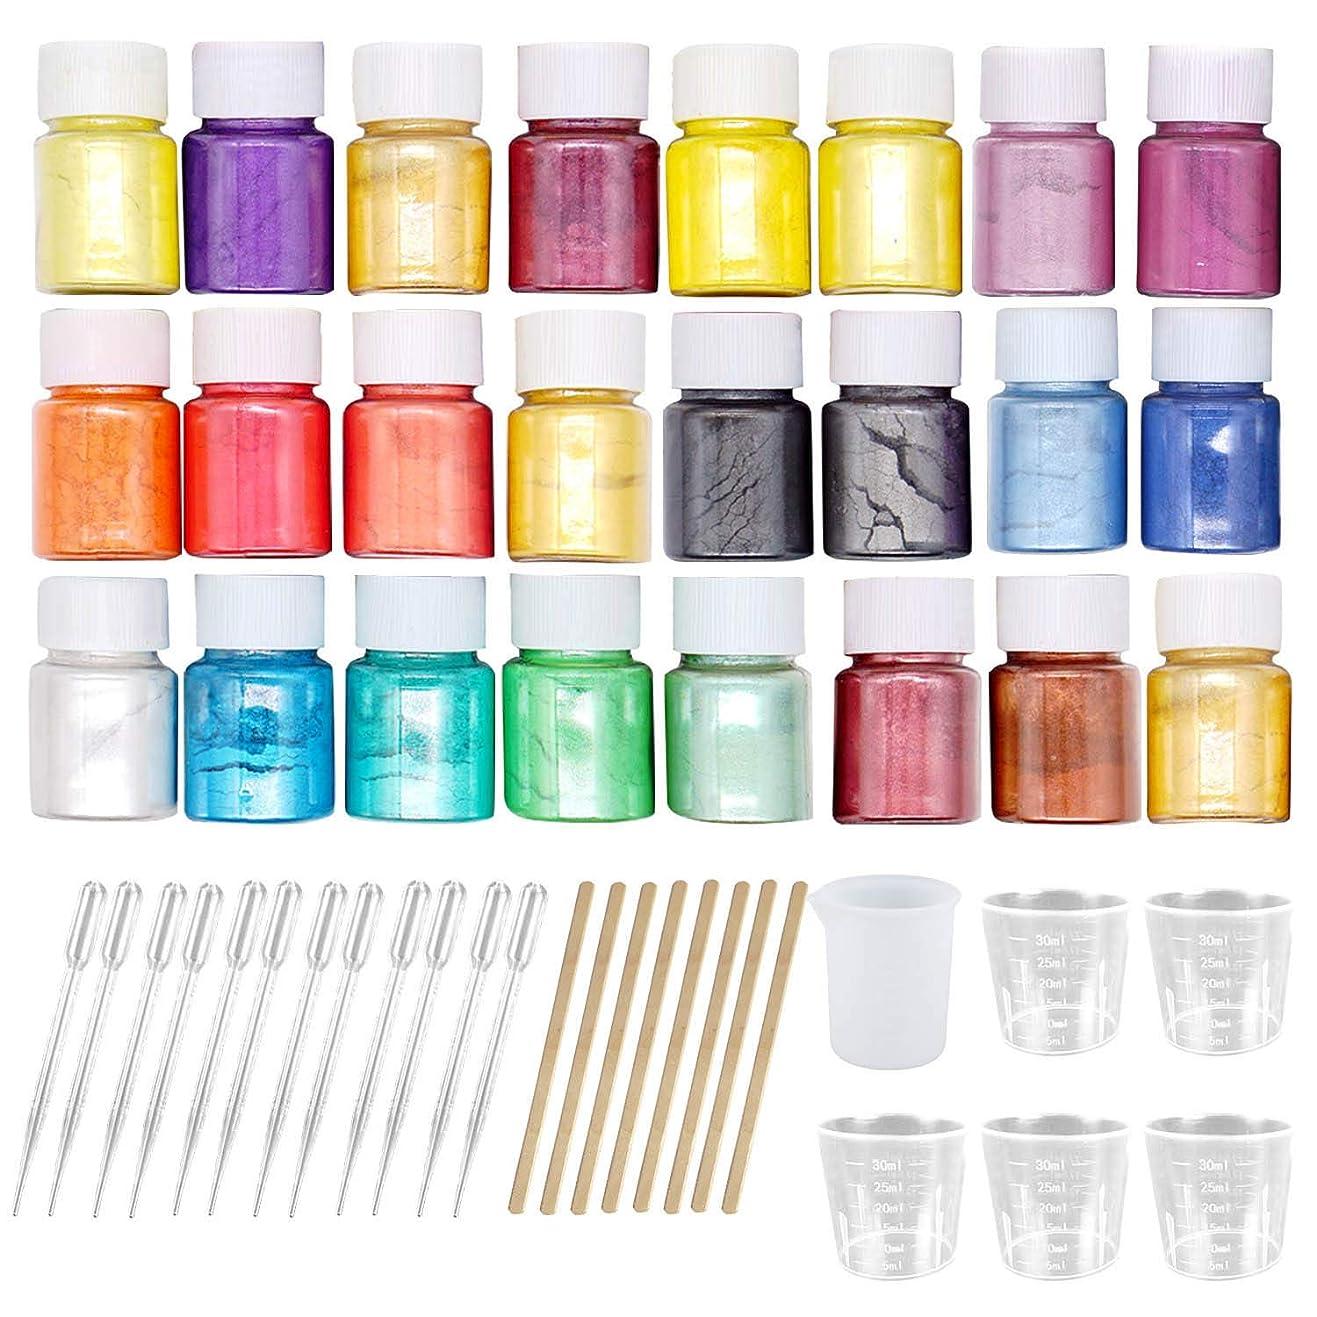 時資源るマイカパウダー Migavan マイカパールパウダー 24色着色剤顔料マイカパールパウダー+ 8ピース木製ロッド+ 6ピース計量カップ+ 12ピーススポイト用diyクラフトスライム用品ランダムな色